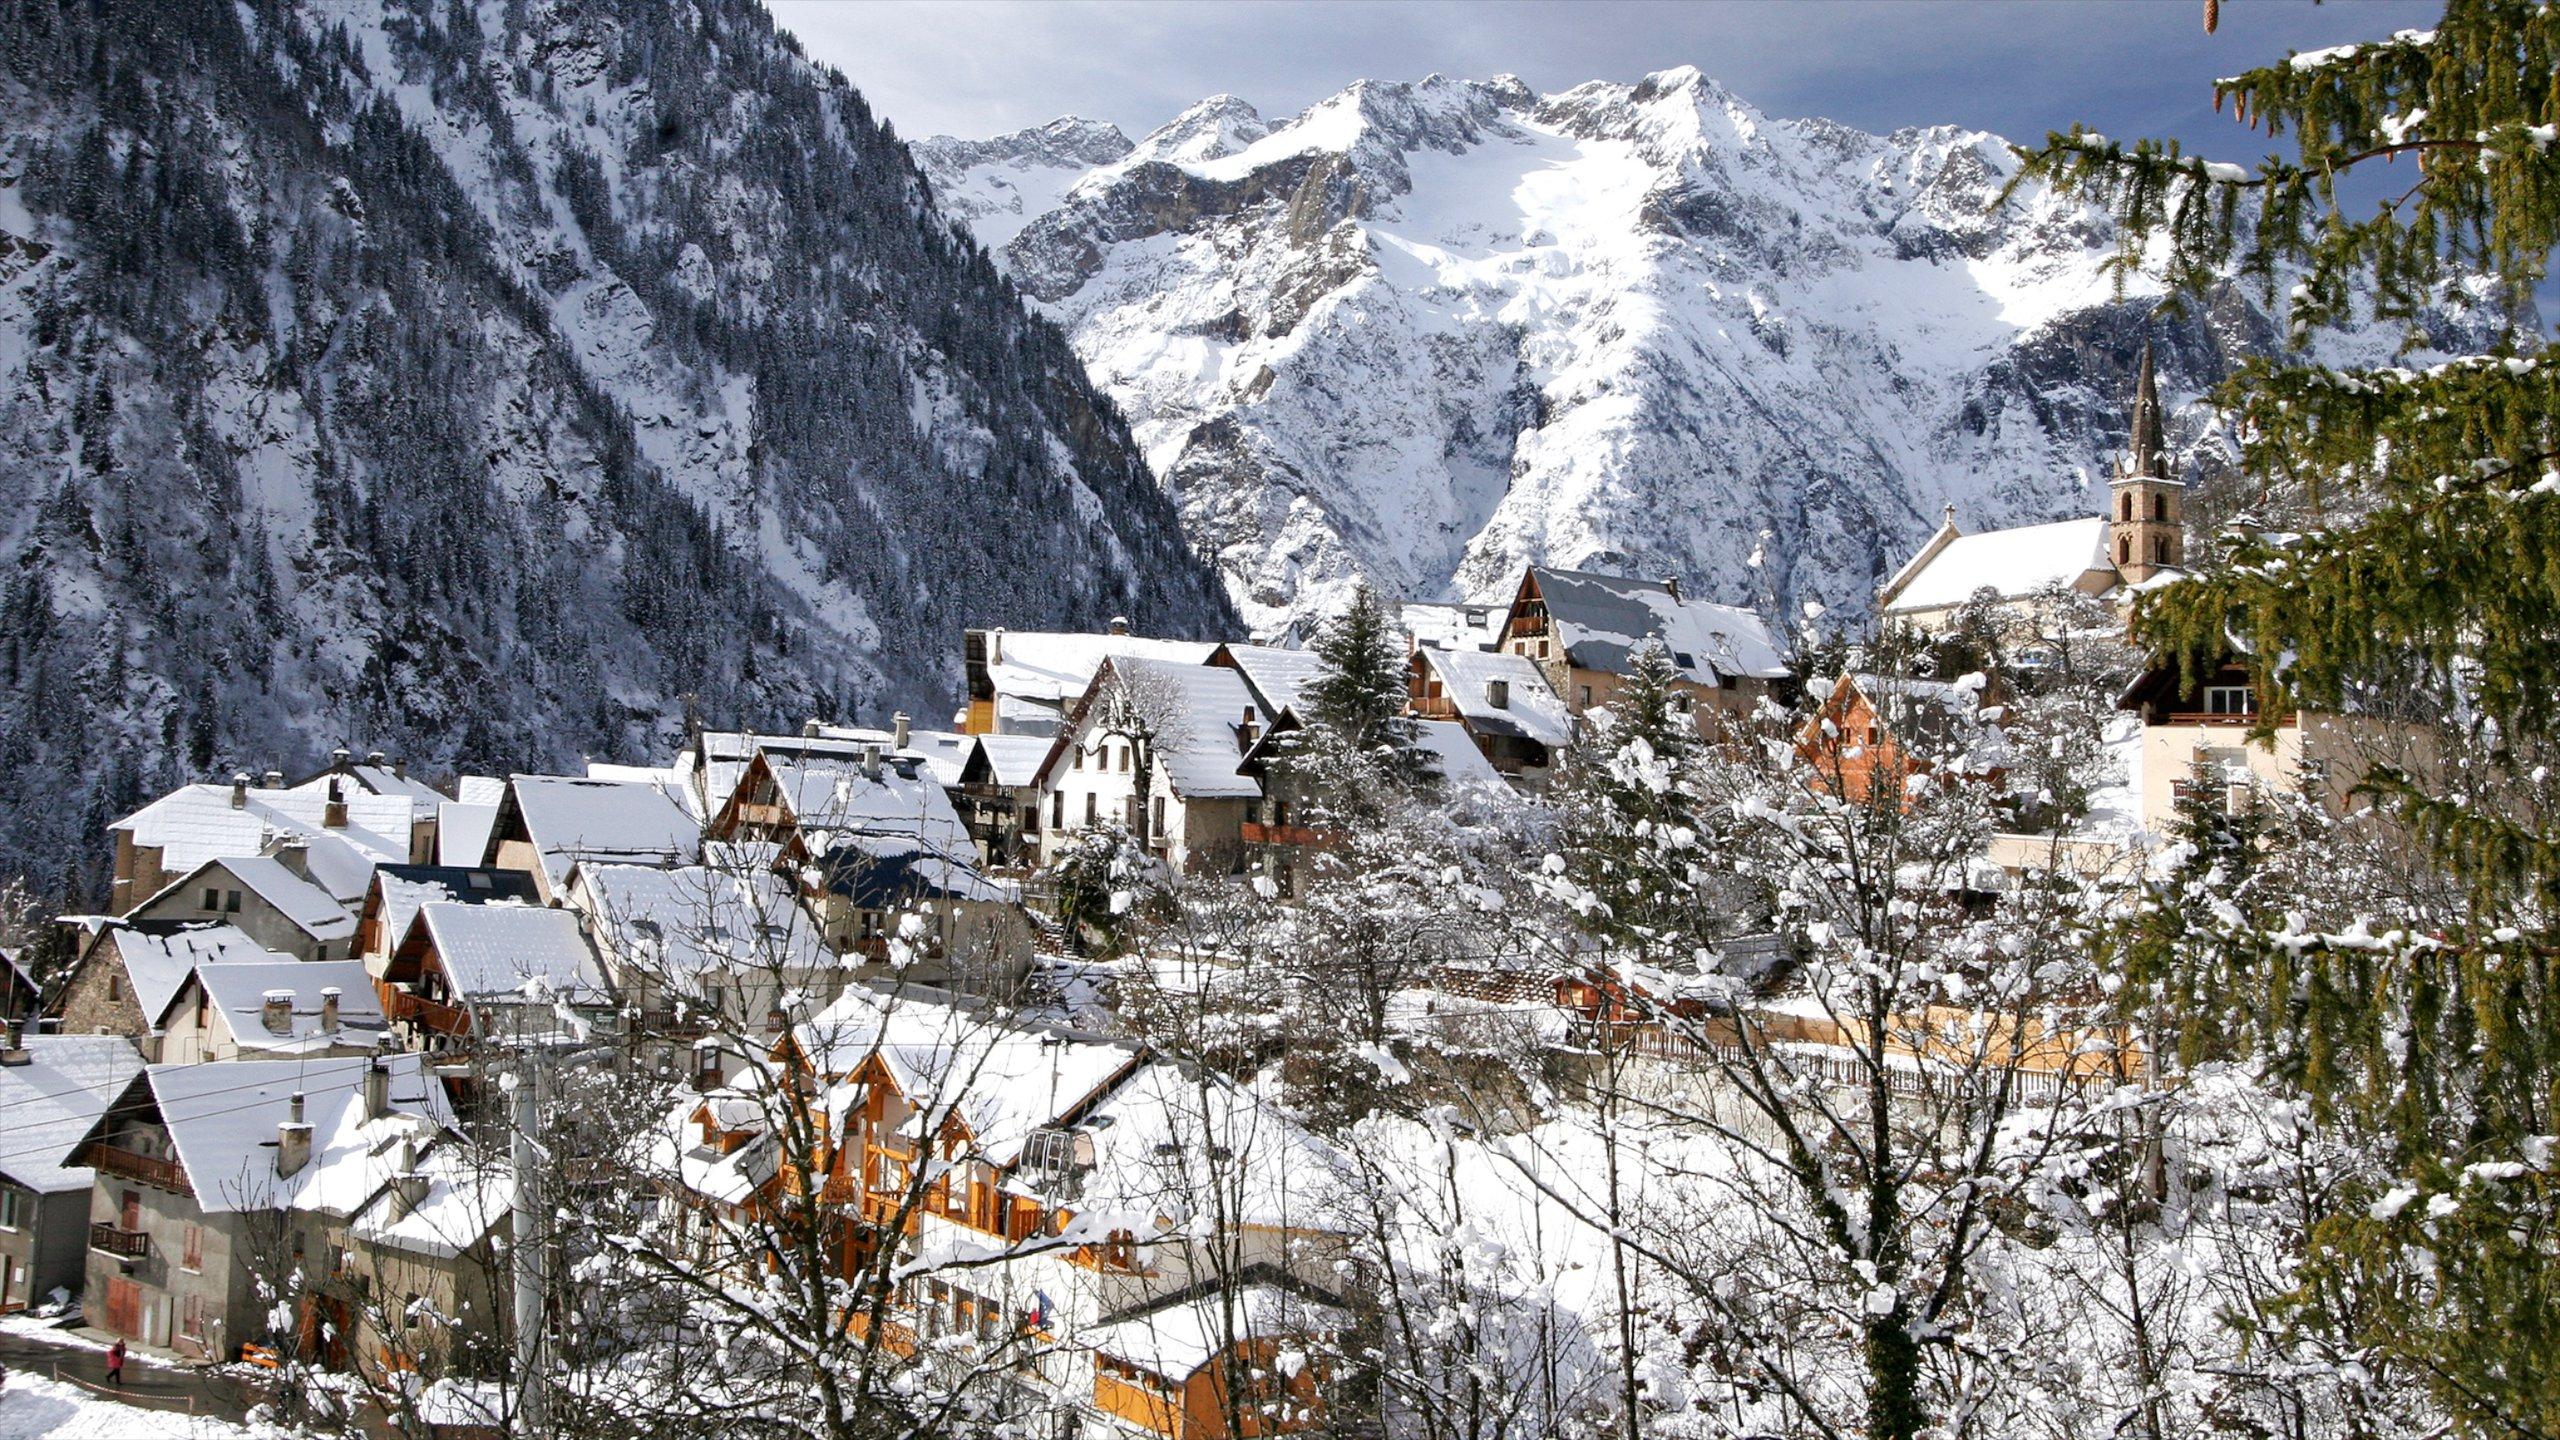 Les Deux Alpes, Isere, France